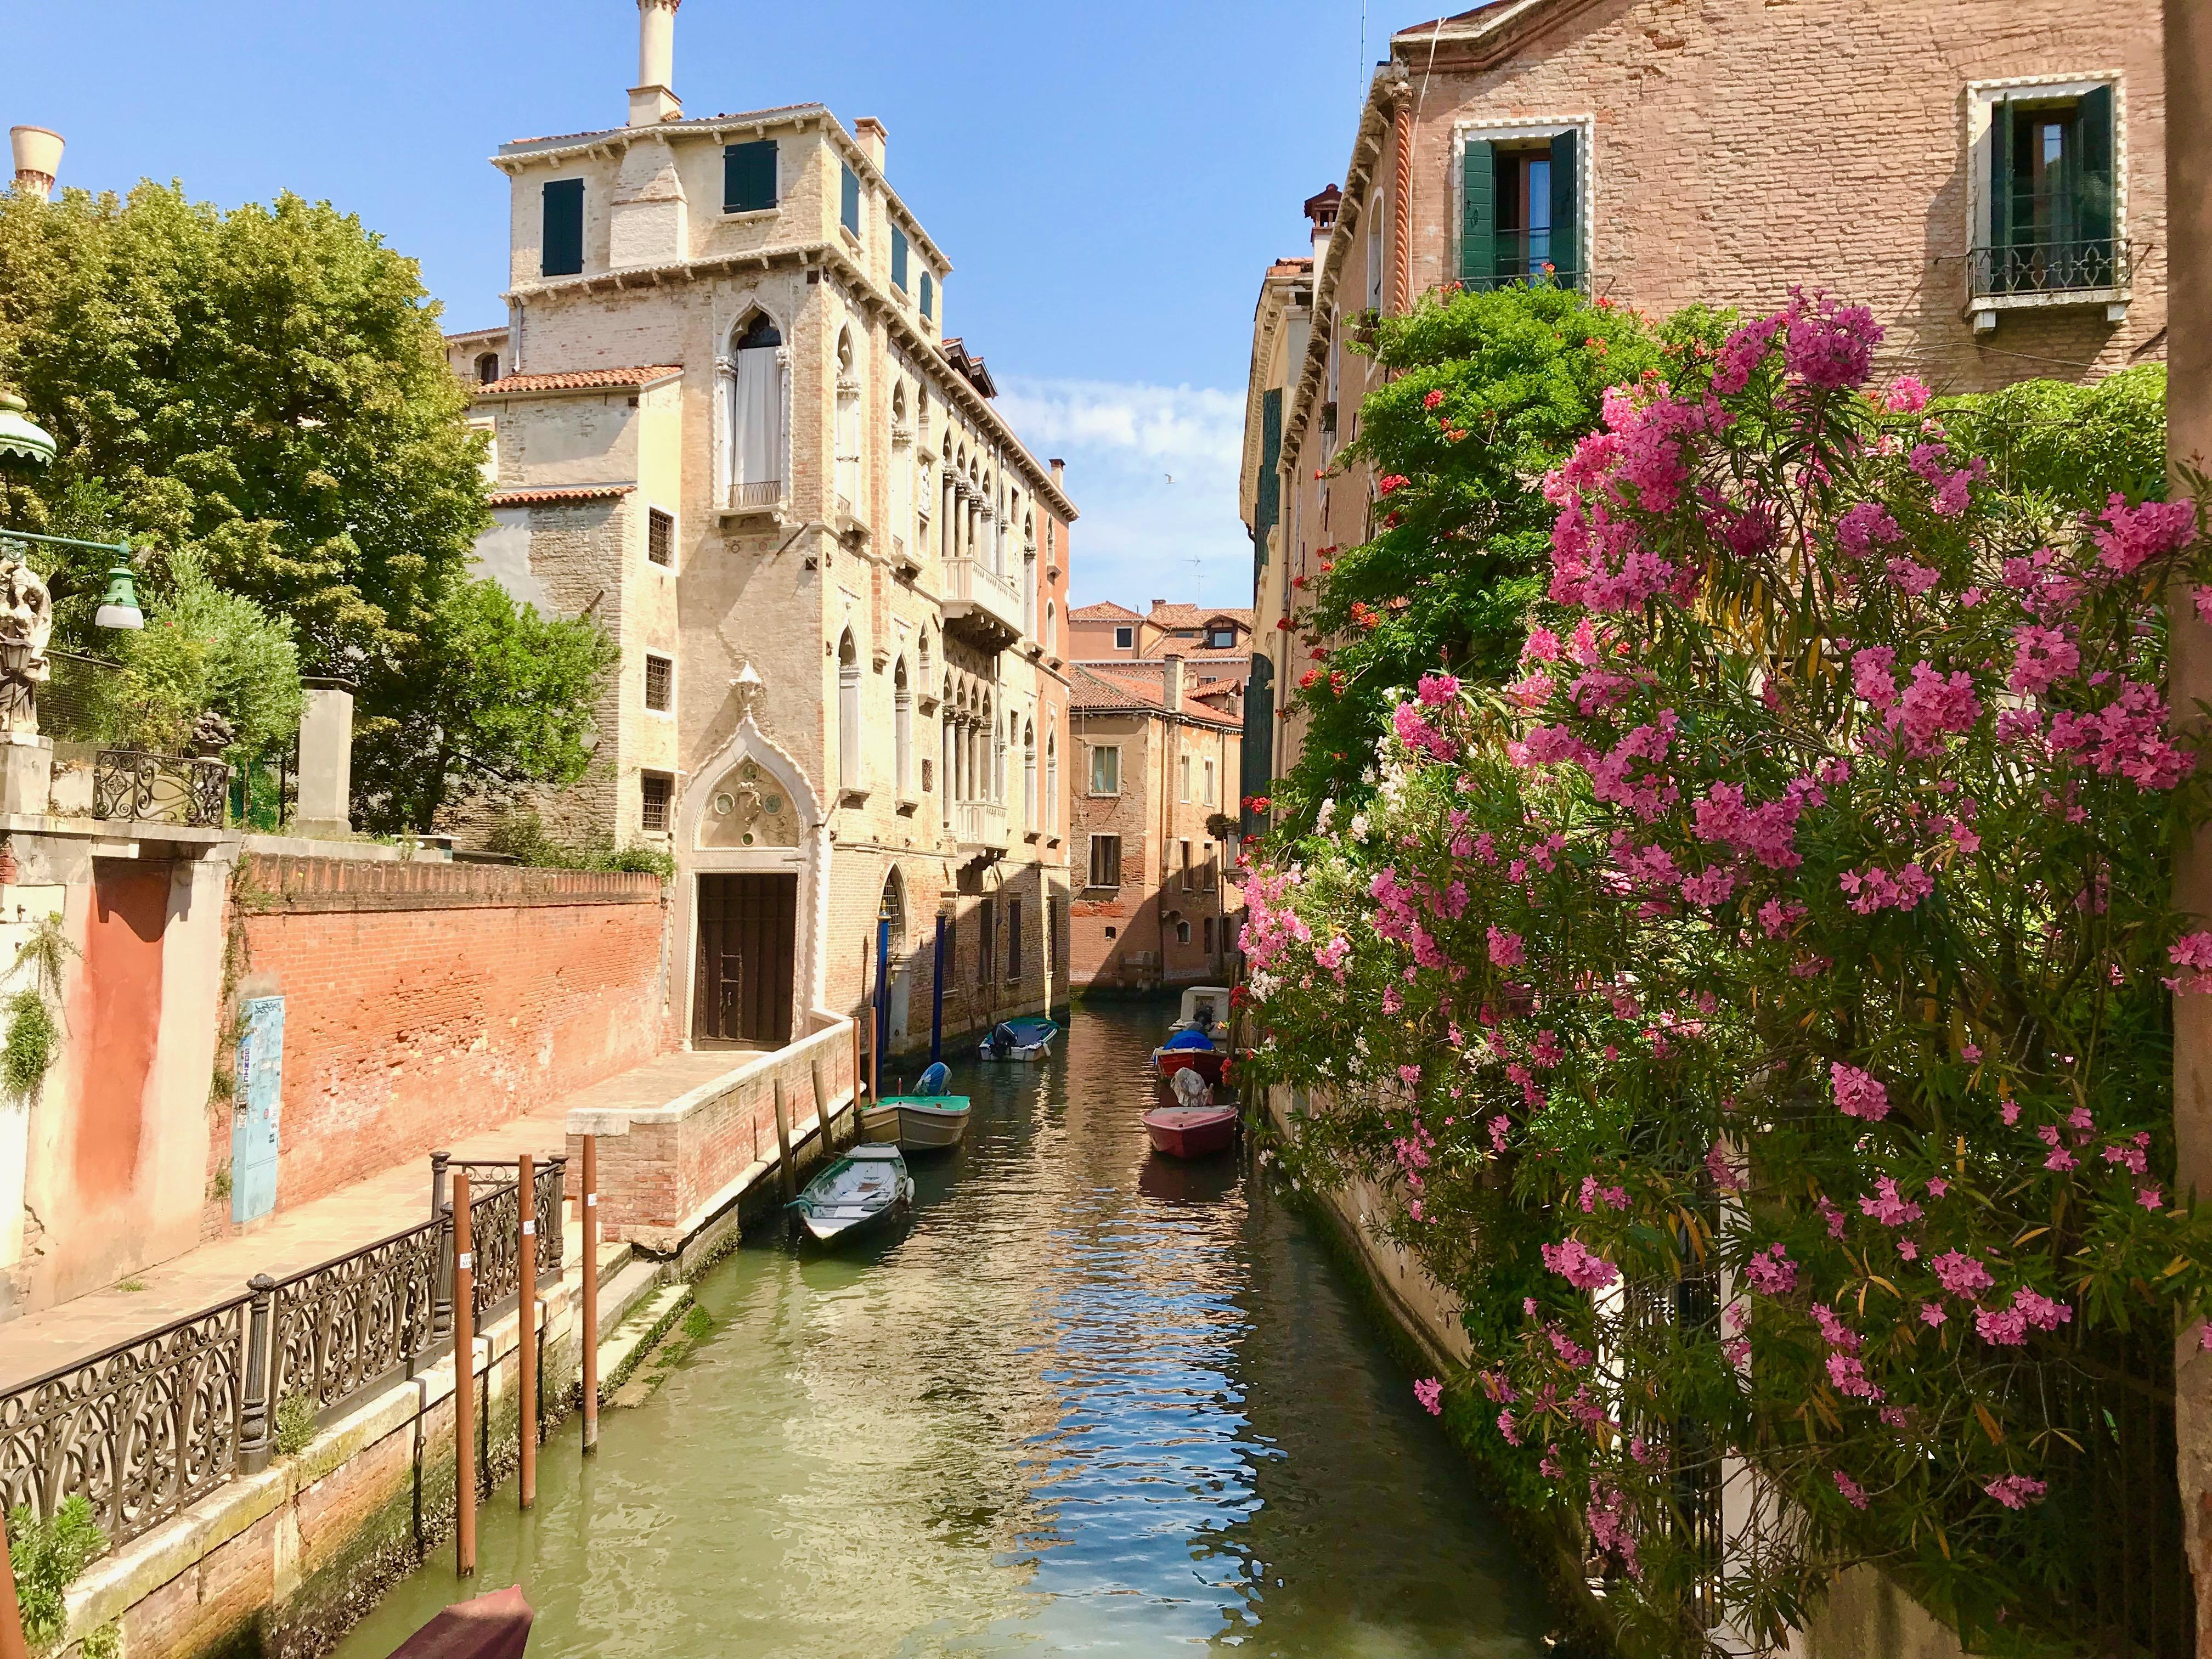 【ヴェネツィア旅行ブログ】イタリアン最高!2泊3日のイタリア旅行 #1